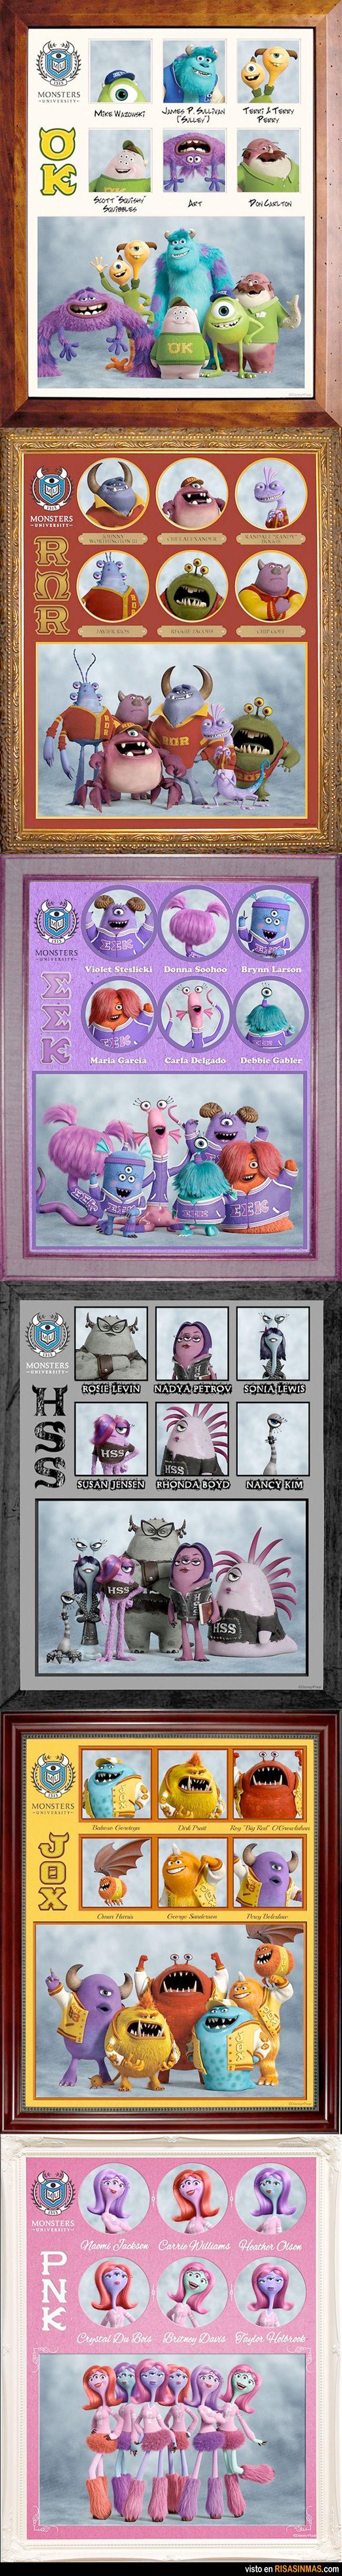 Todos los personajes de Monsters University.